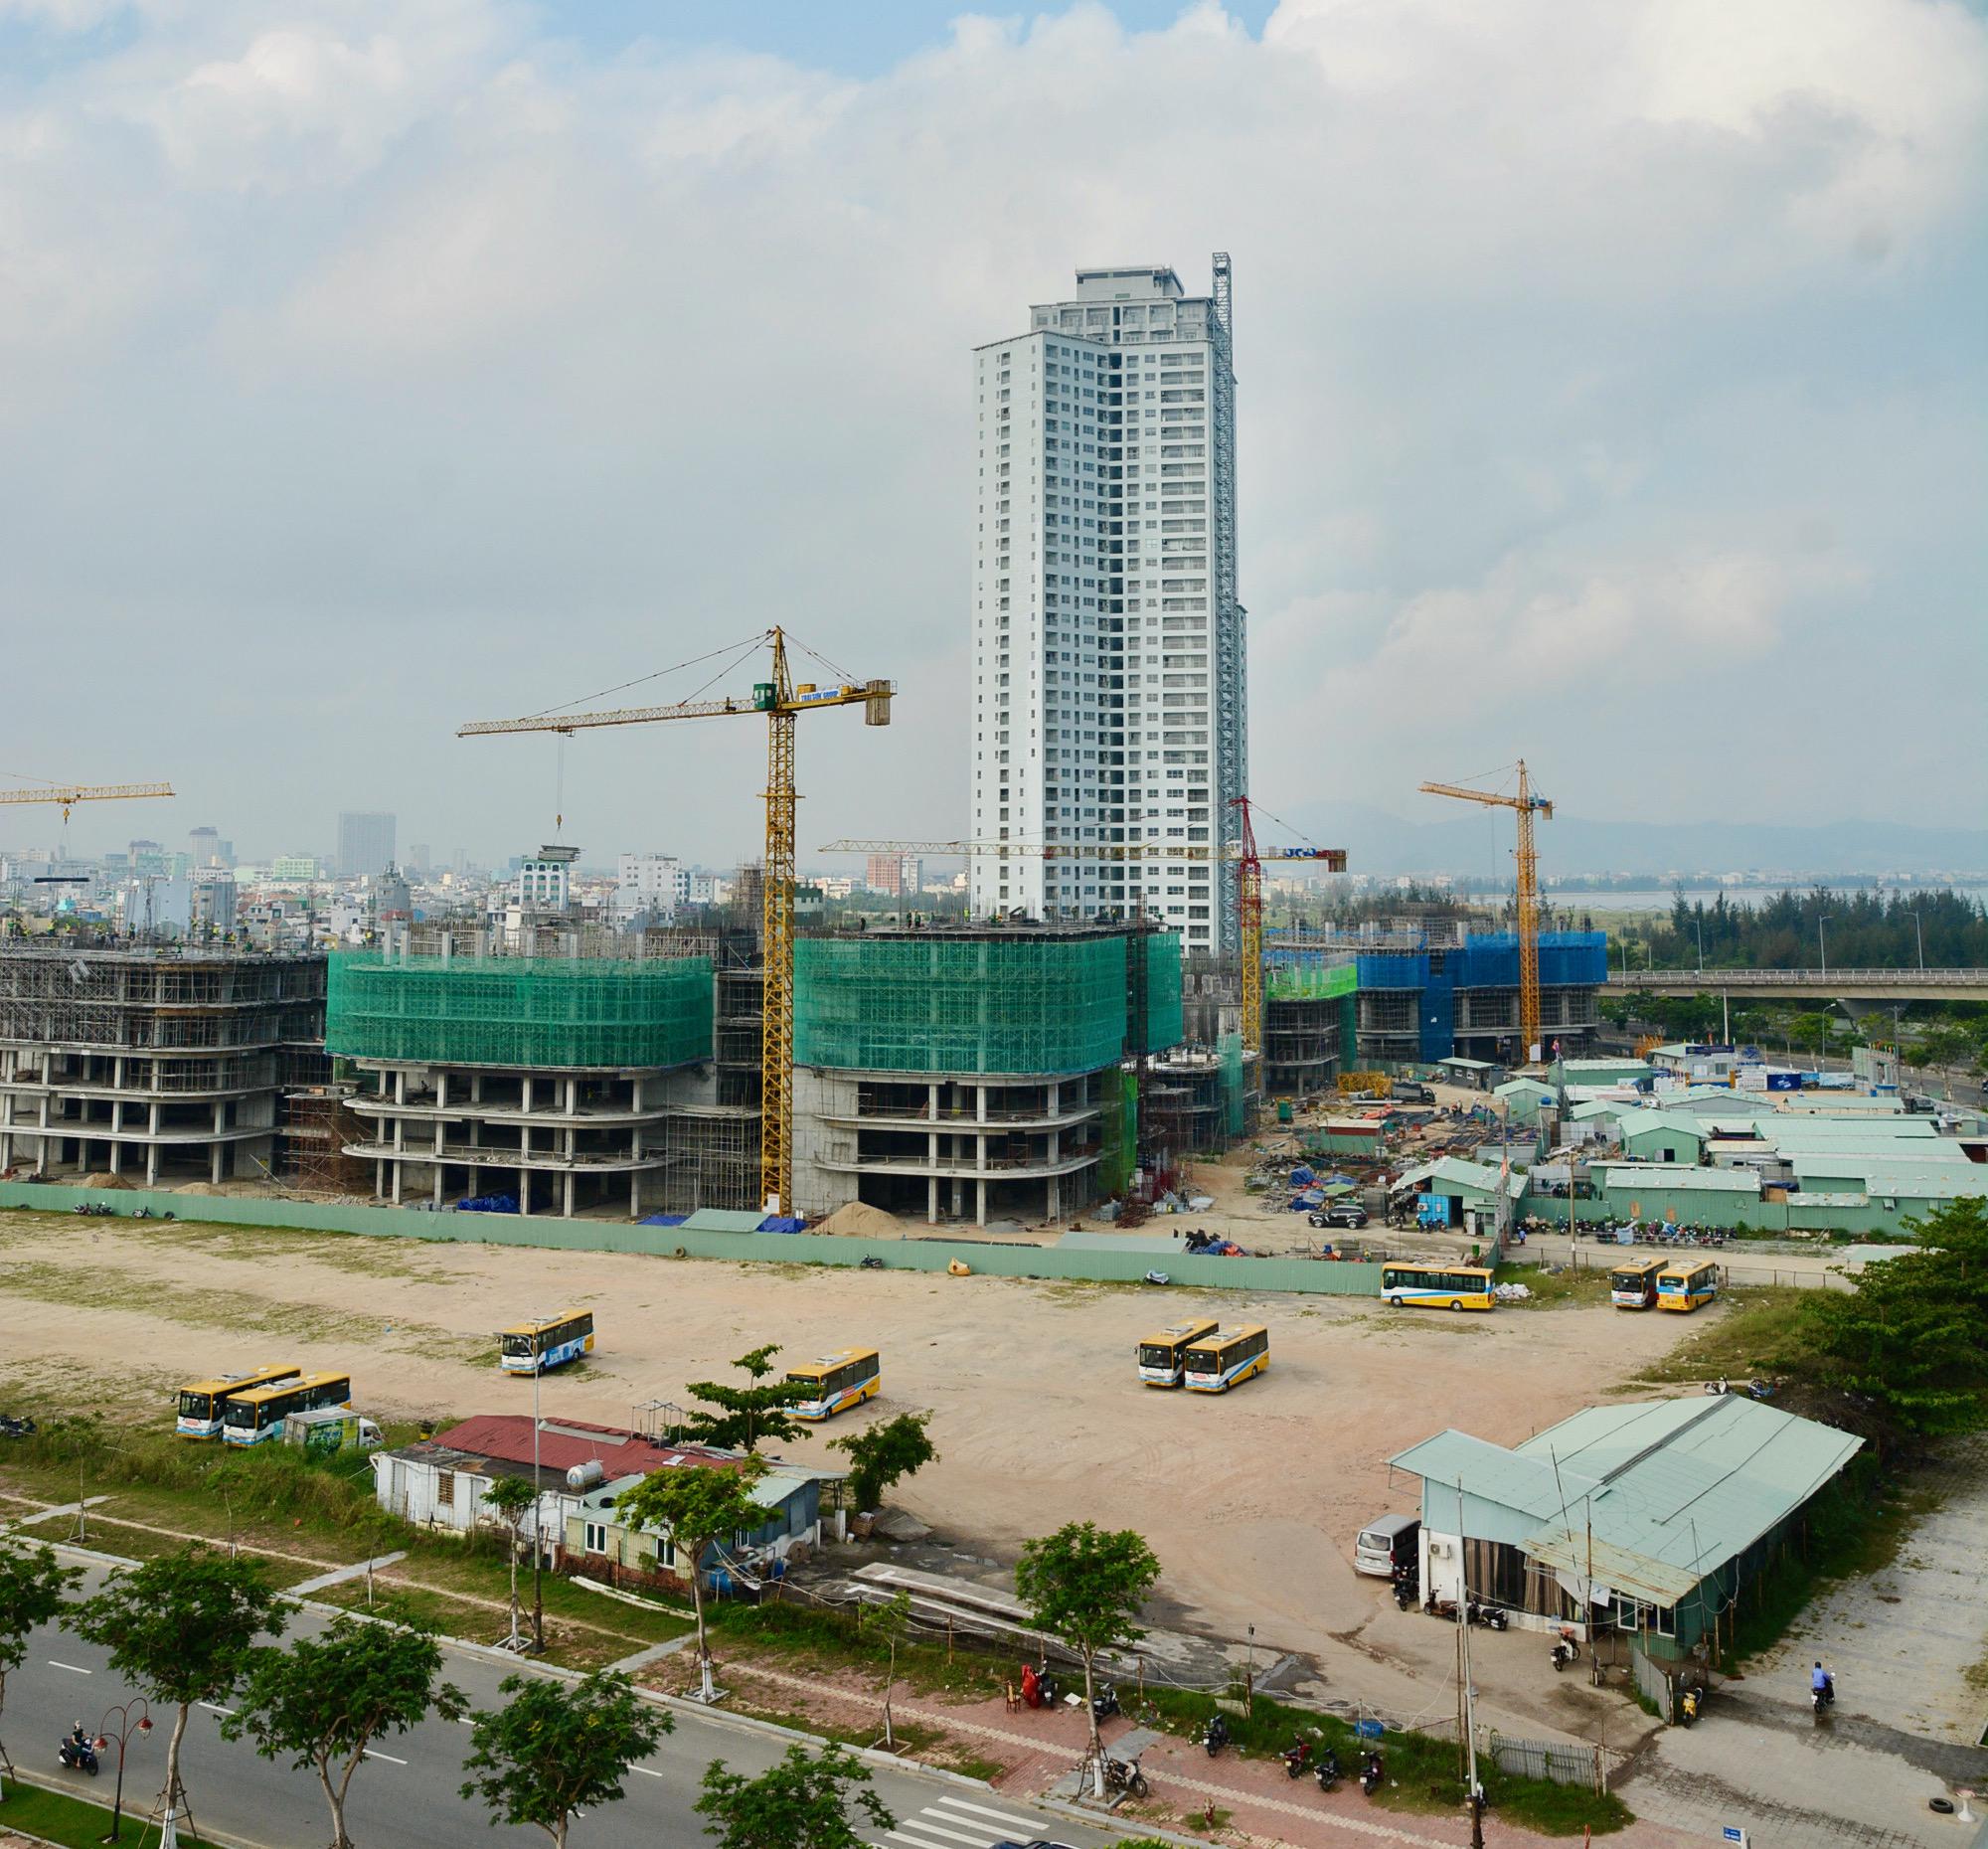 Người nước ngoài được mua nhà ở những dự án nào tại Đà Nẵng? - Ảnh 1.